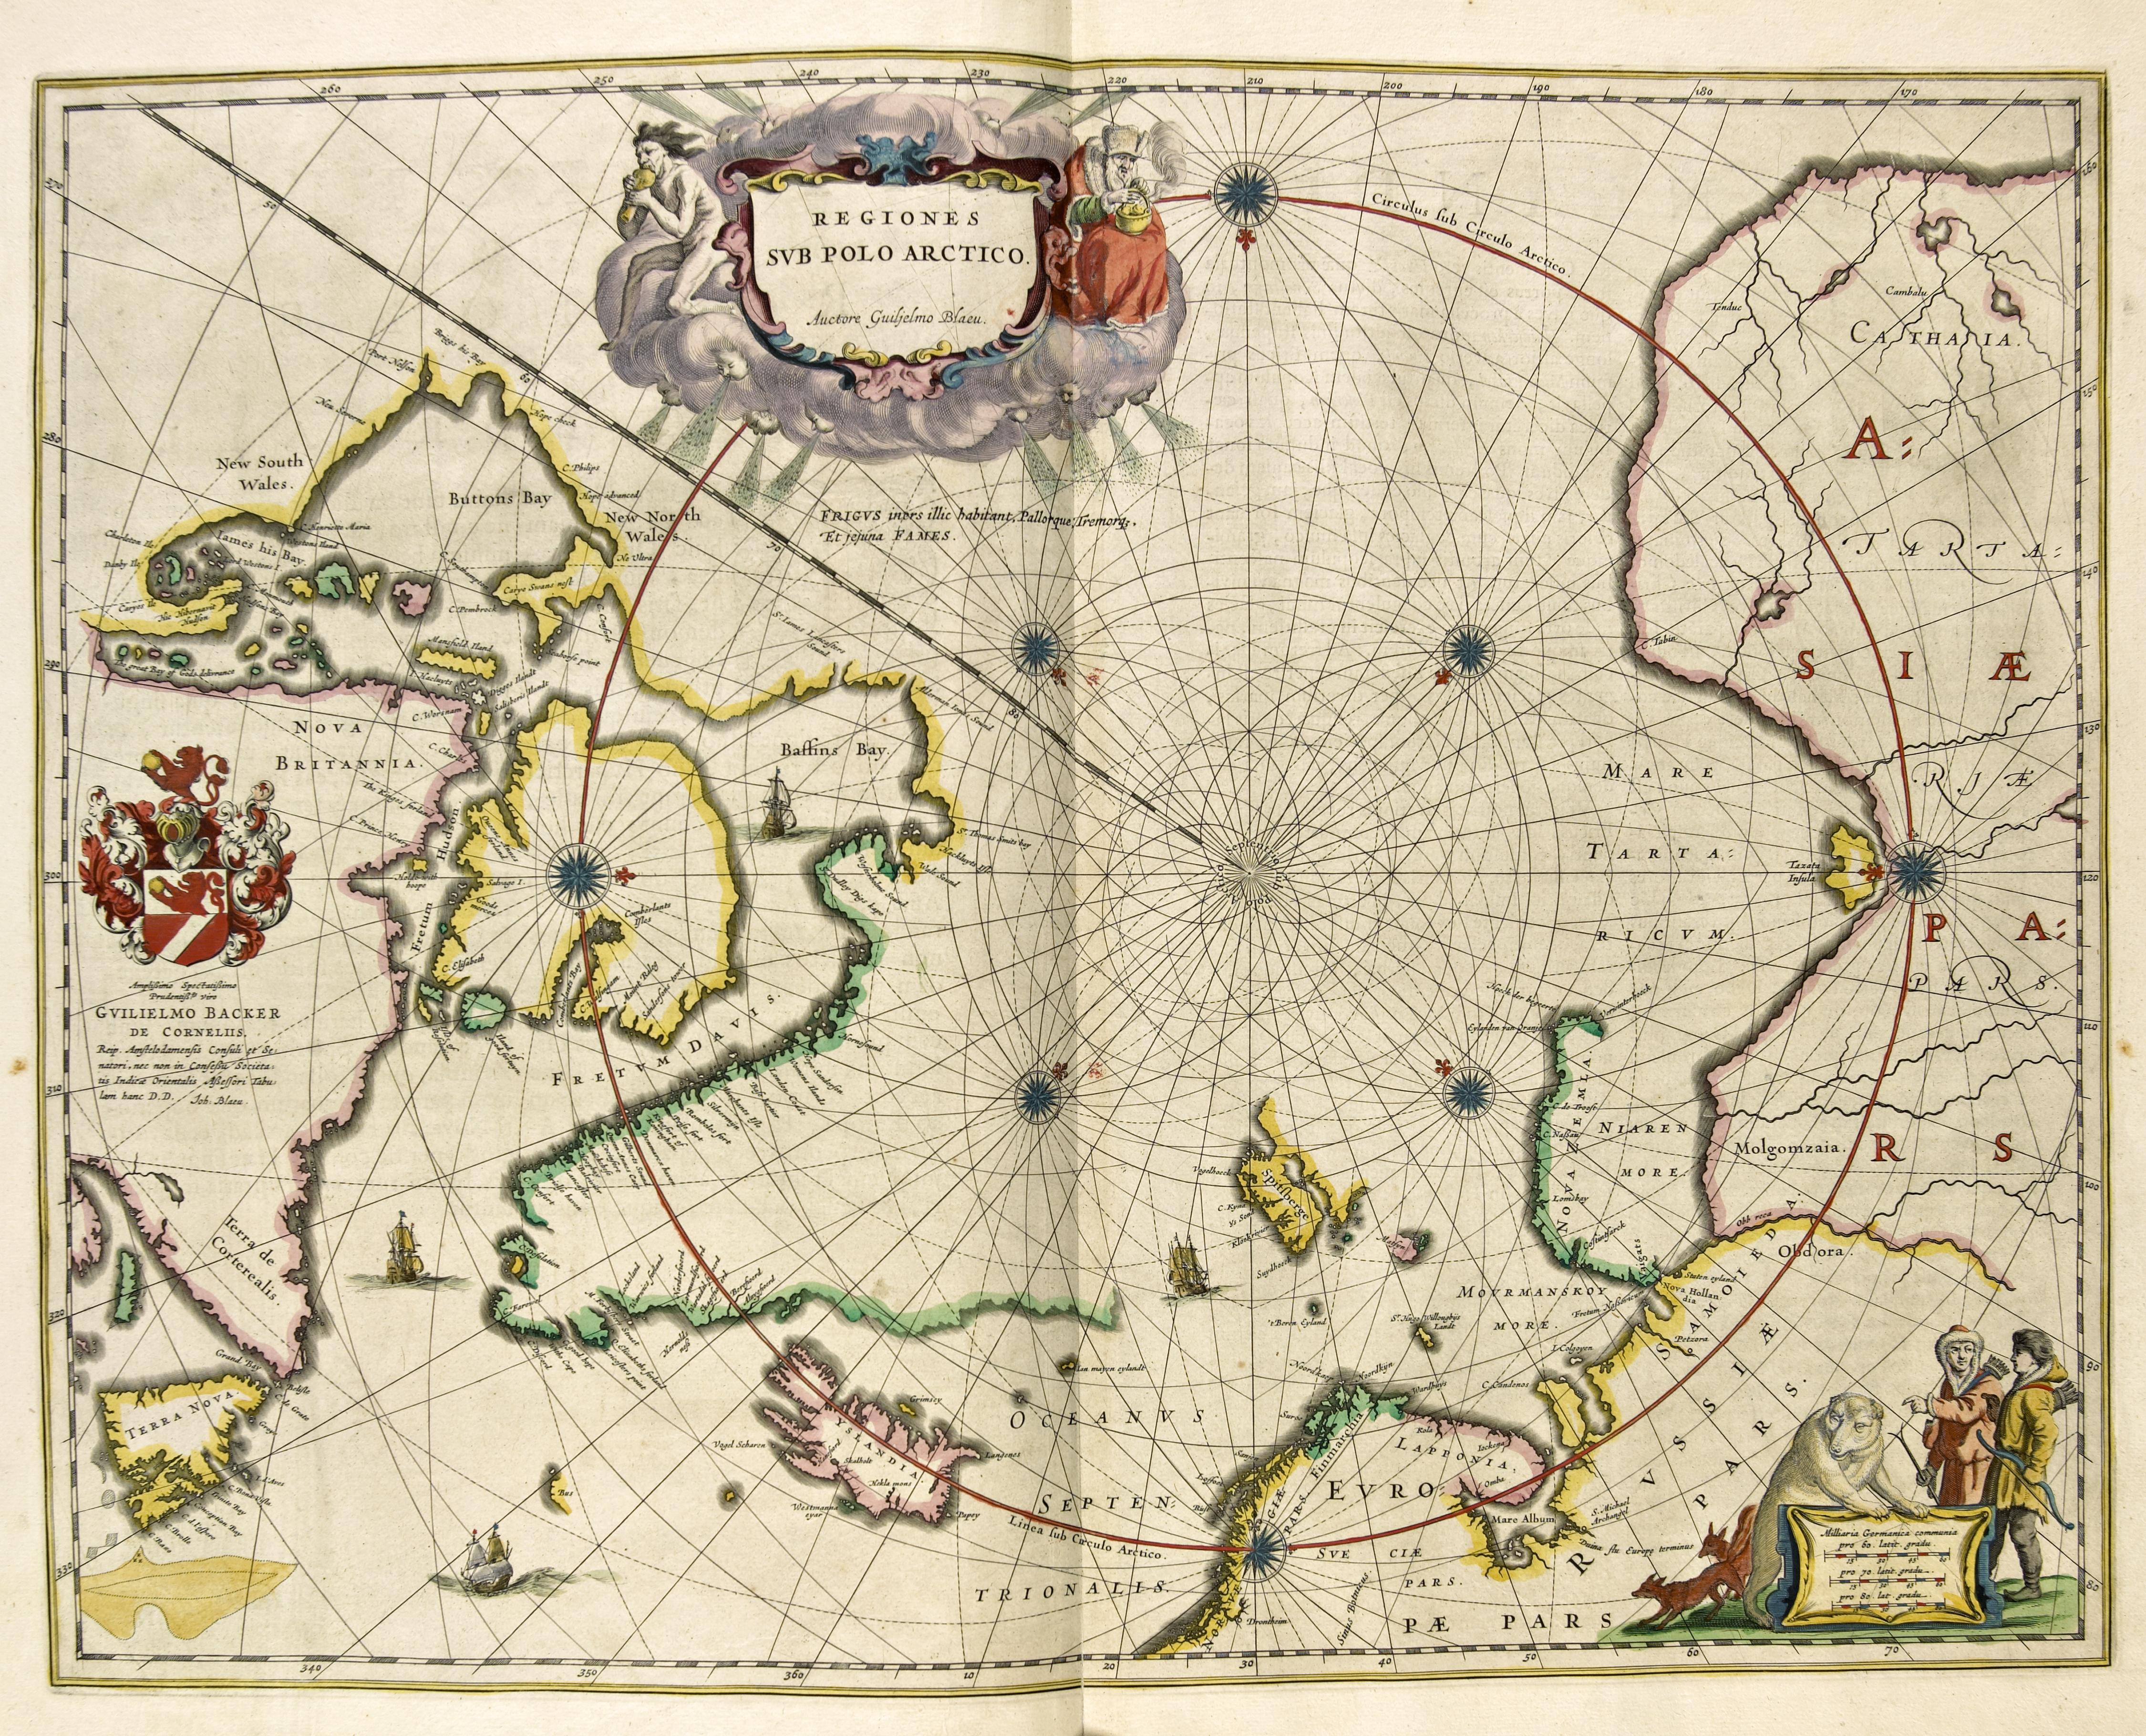 kart over nordområdene File:Blaeus kart over Arktis og Nordområdene (12068022554).  kart over nordområdene